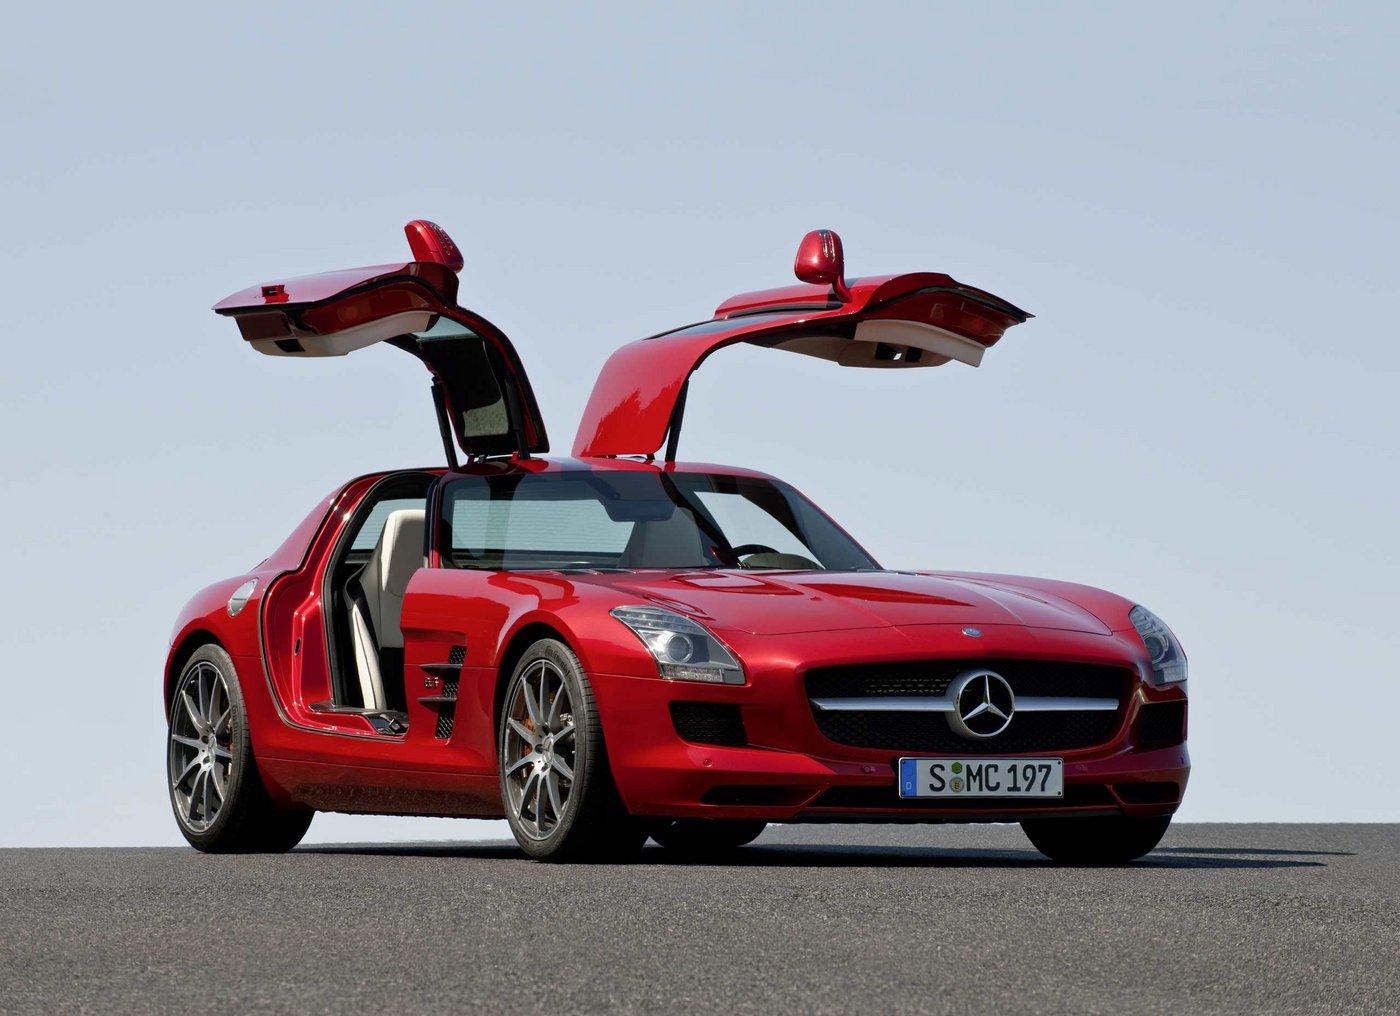 http://1.bp.blogspot.com/-SIQ4Wez8u4I/TrEjhWN2RxI/AAAAAAAAFhQ/FK7DN01Sx_0/s1600/Mercedes+SLS+AMG+2.jpg